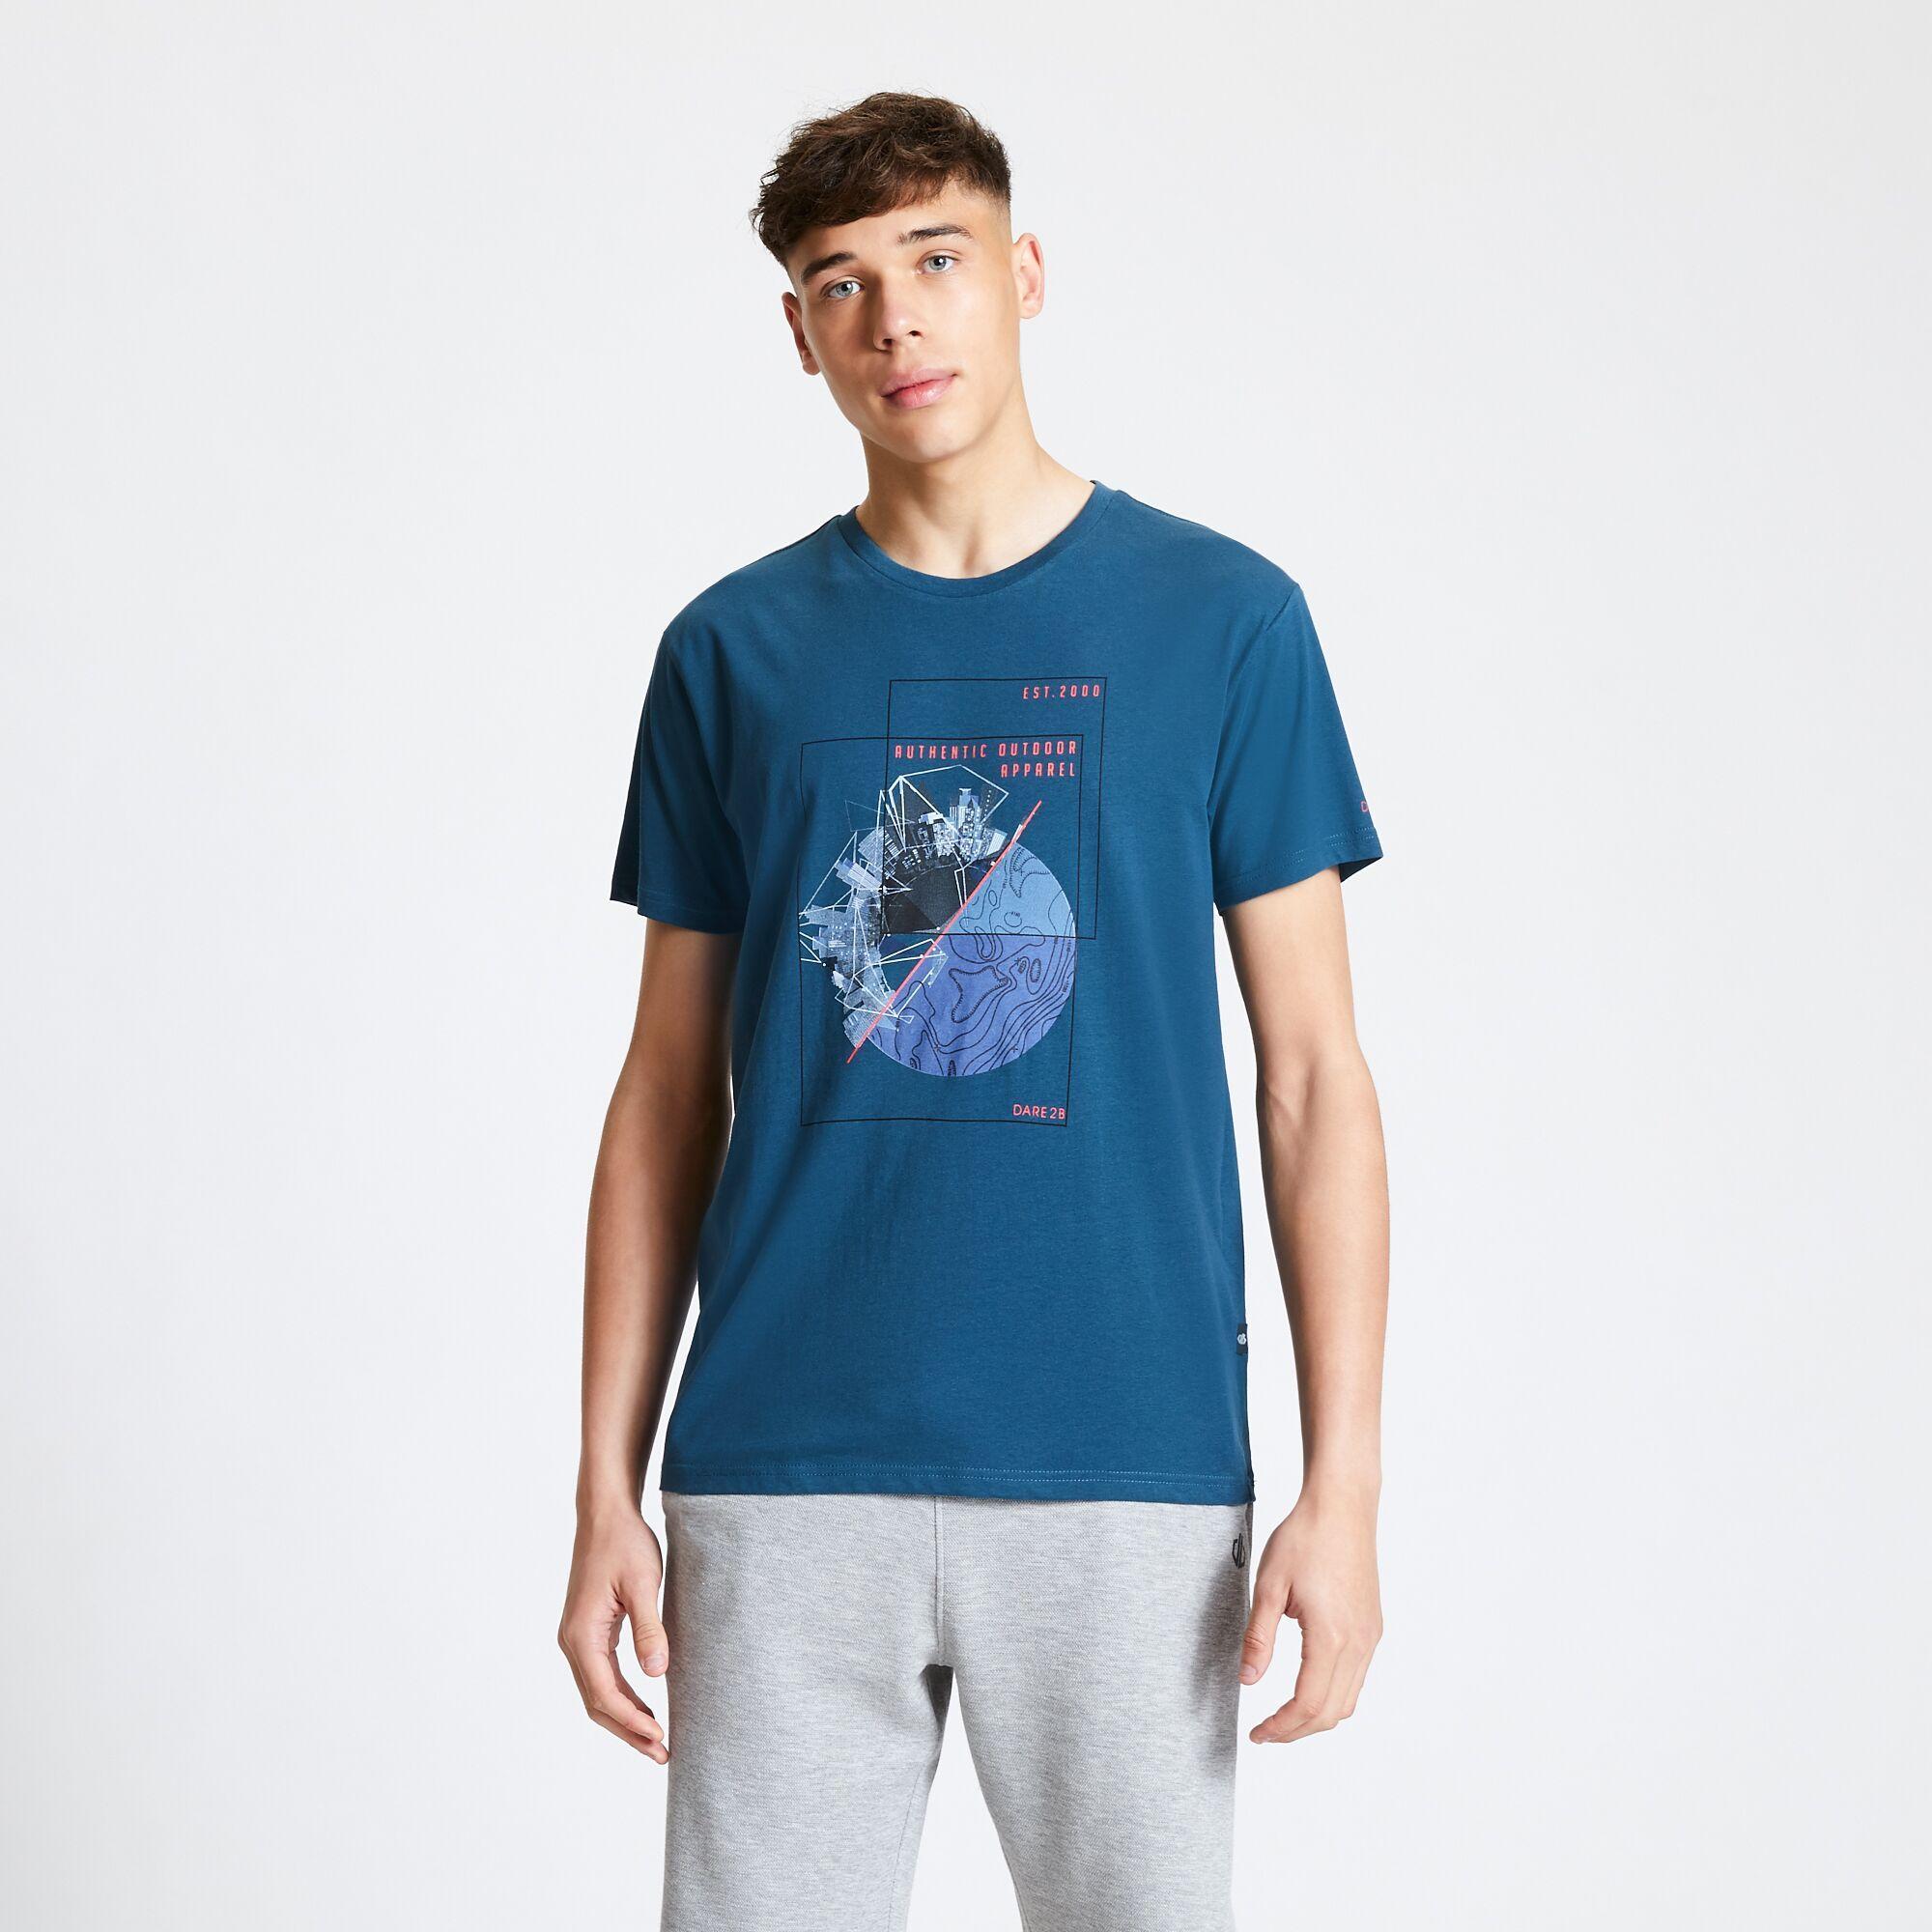 miniature 12 - Dare 2B - T-shirt imprimé STRINGENT - Homme (RG5022)